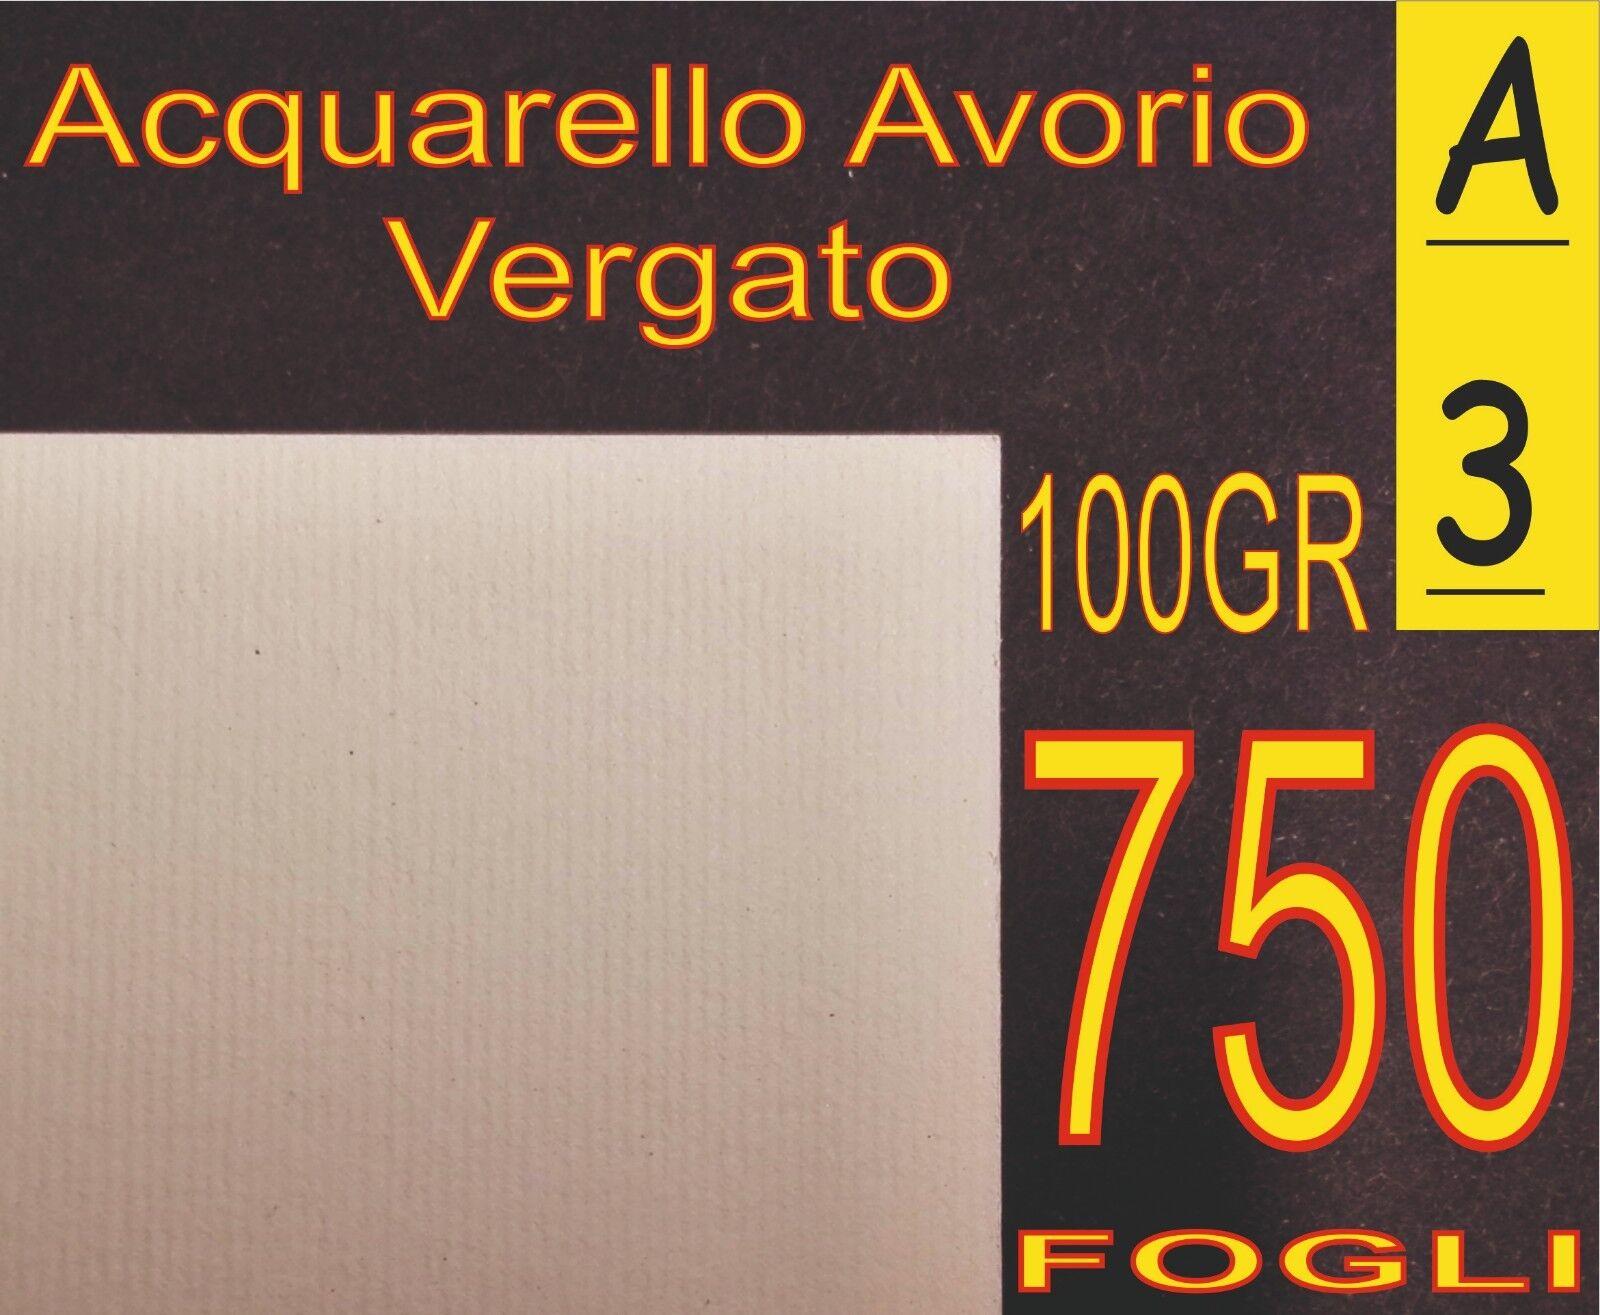 presentando tutte le ultime tendenze della moda 750 FOGLI A3 CARTA 100GR 100GR 100GR GRIFO VERGATA RILIEVO AVORIO X STAMPANTI LASER INKJET  lo stile classico